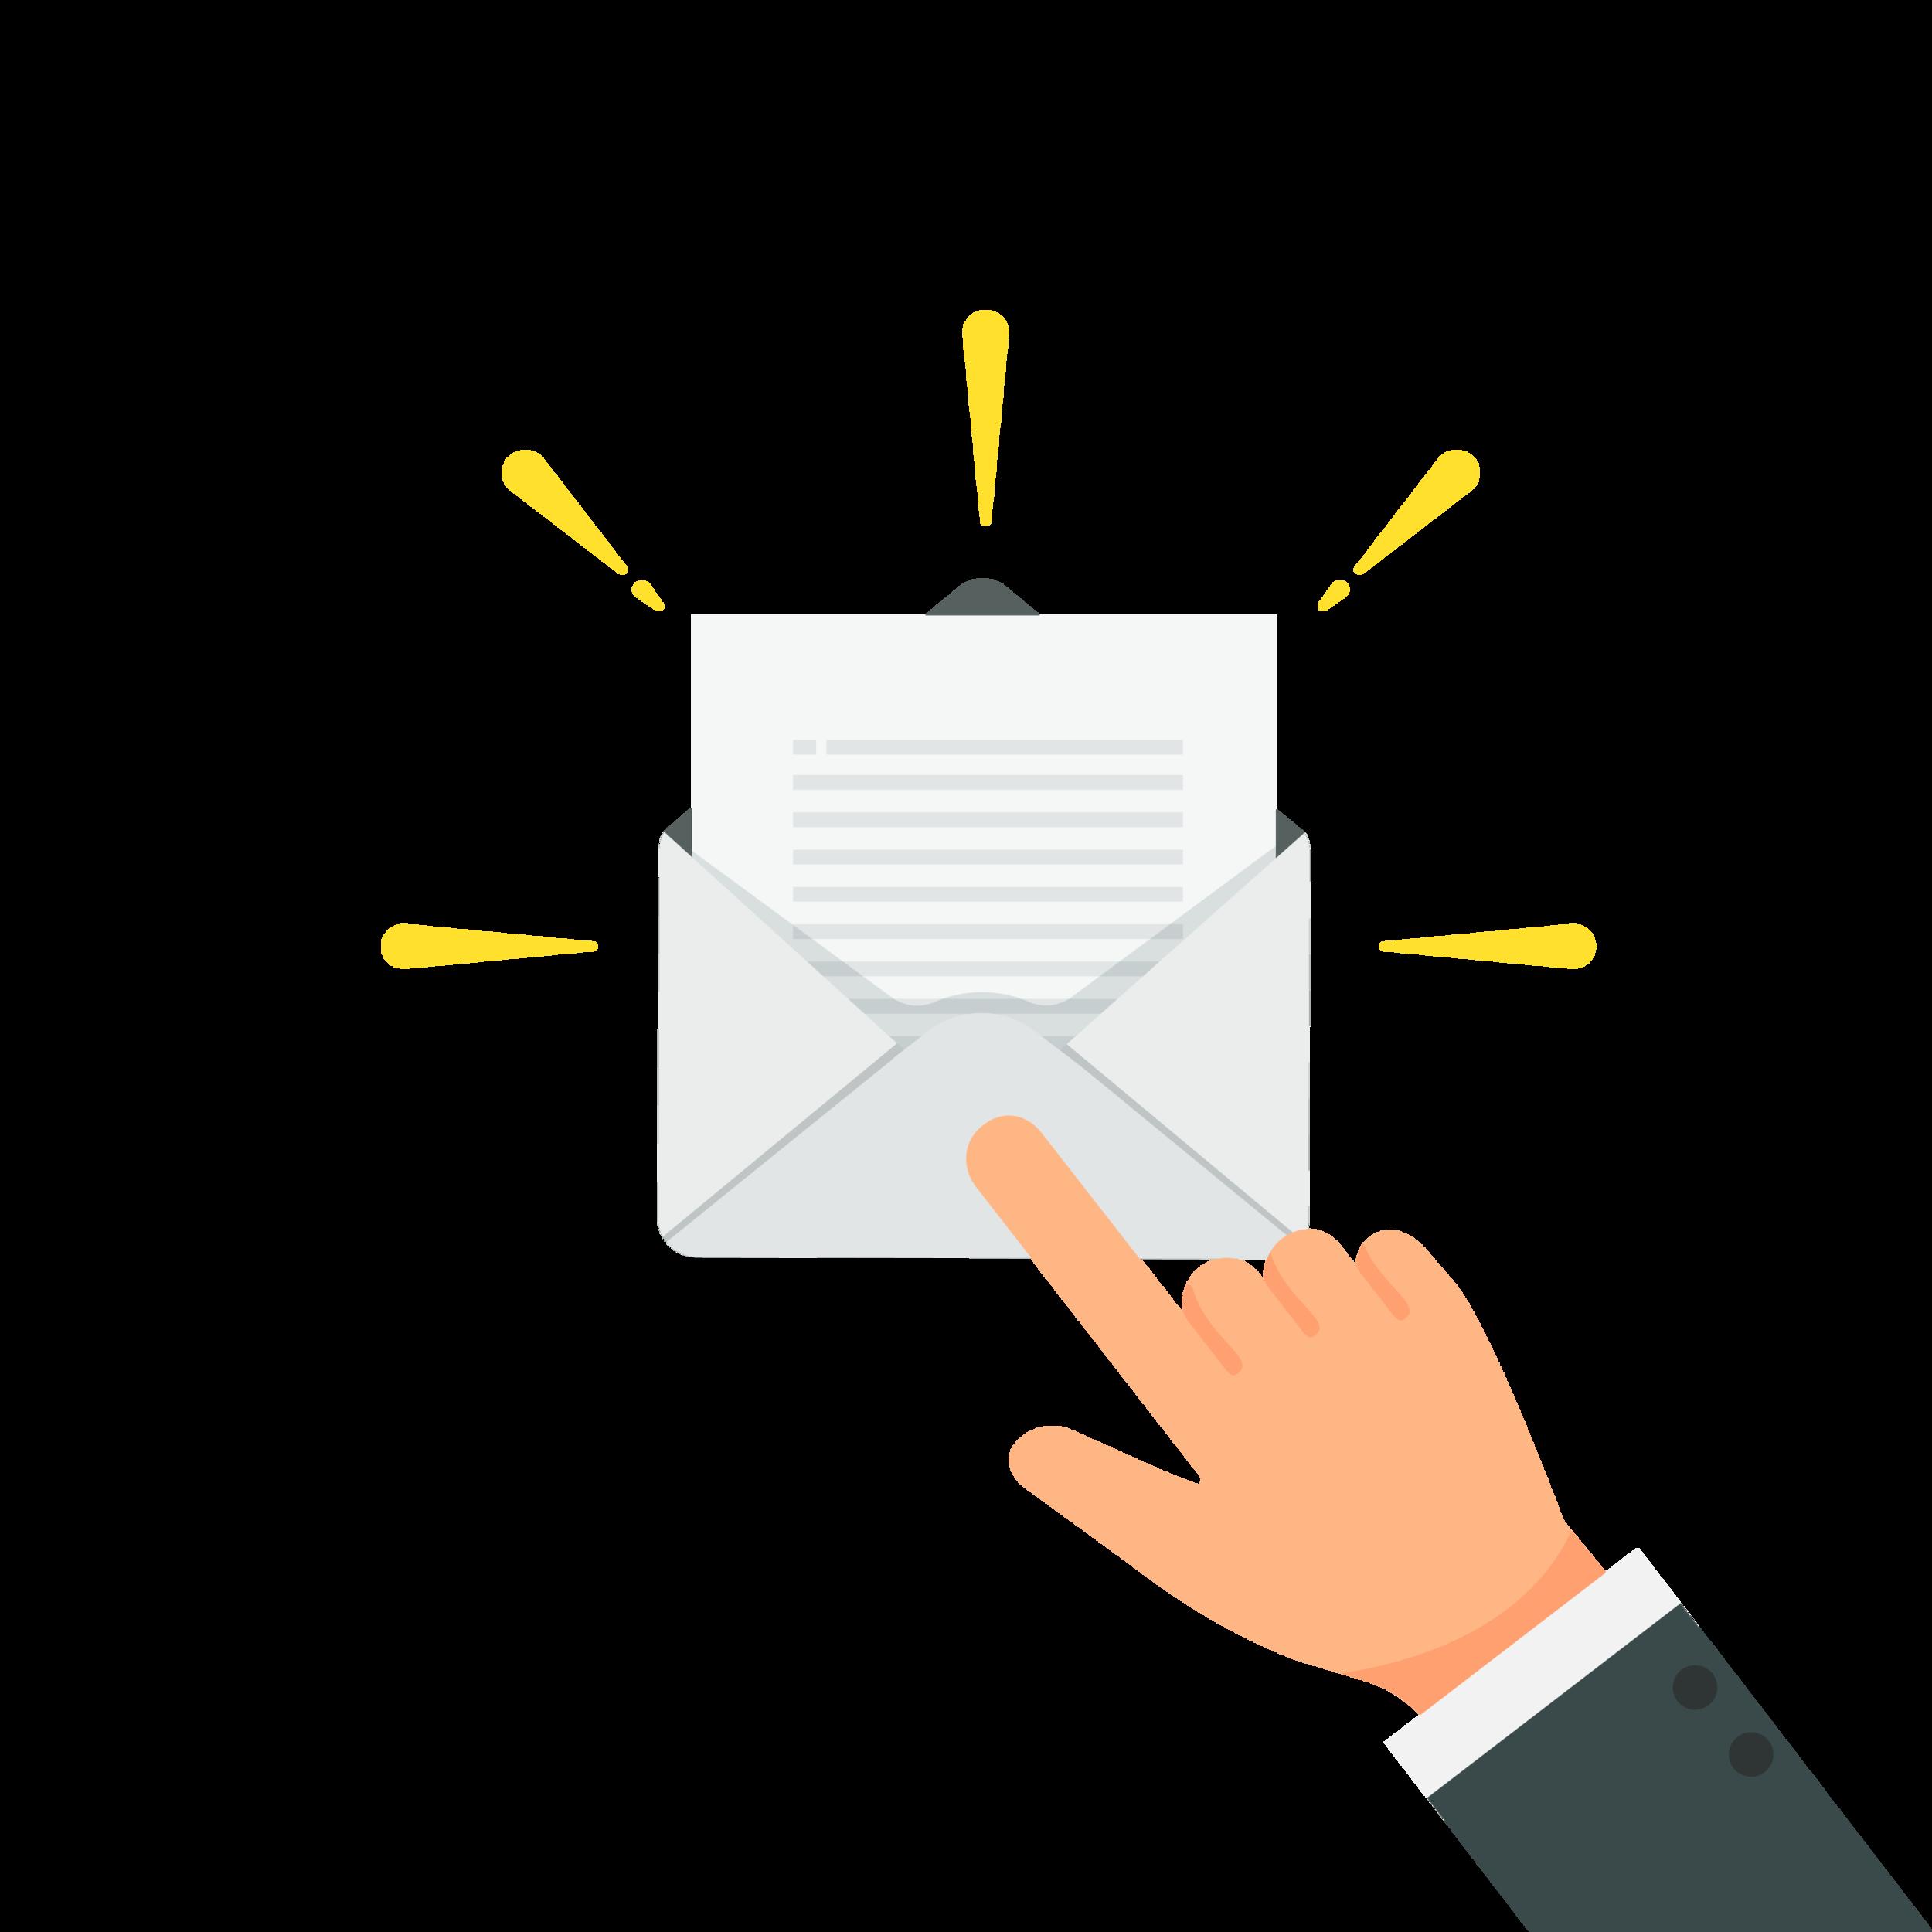 Een persoon die zijn of haar emailadres bevestigt door op de link in de email te klikken.